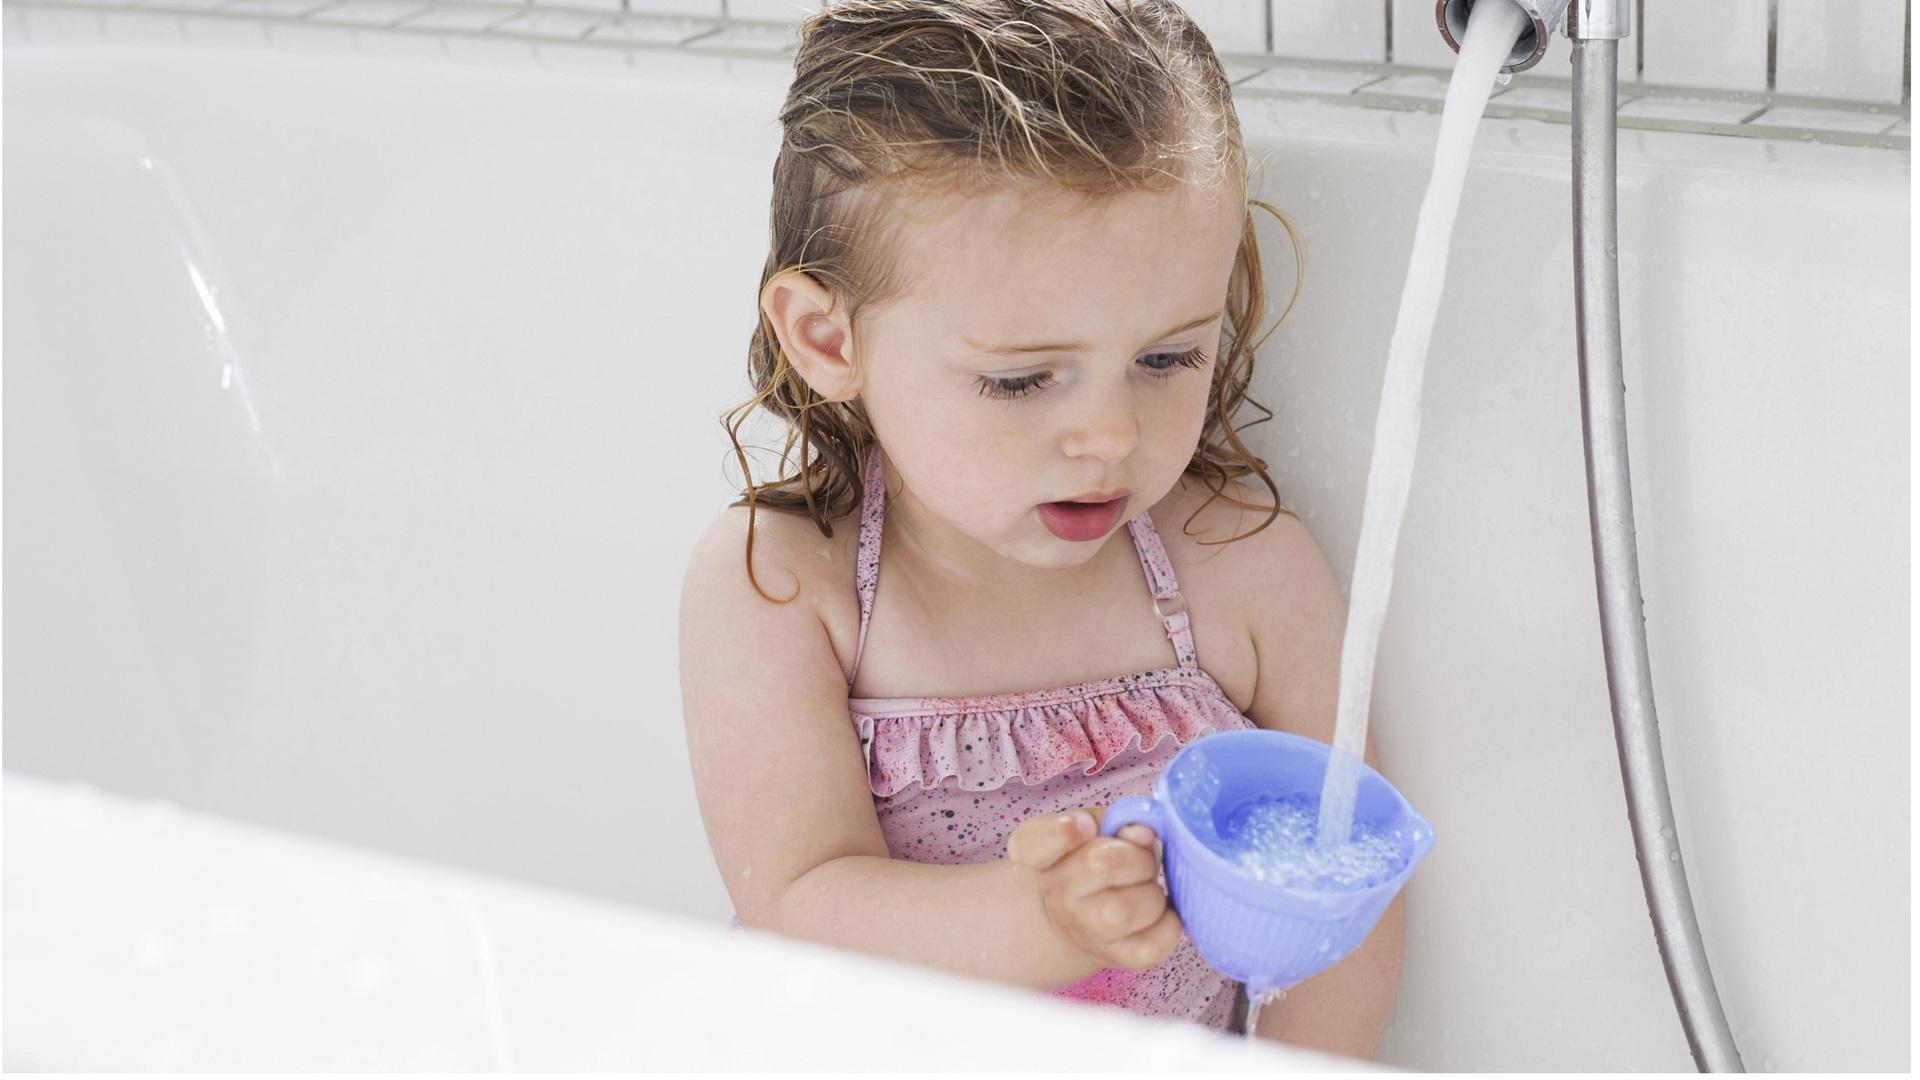 Oplossingen voor drinkwater nutsbedrijf hydranten vlinderkleppen schuifafsluiters mesafsluiters Belgaqua goedgekeurd